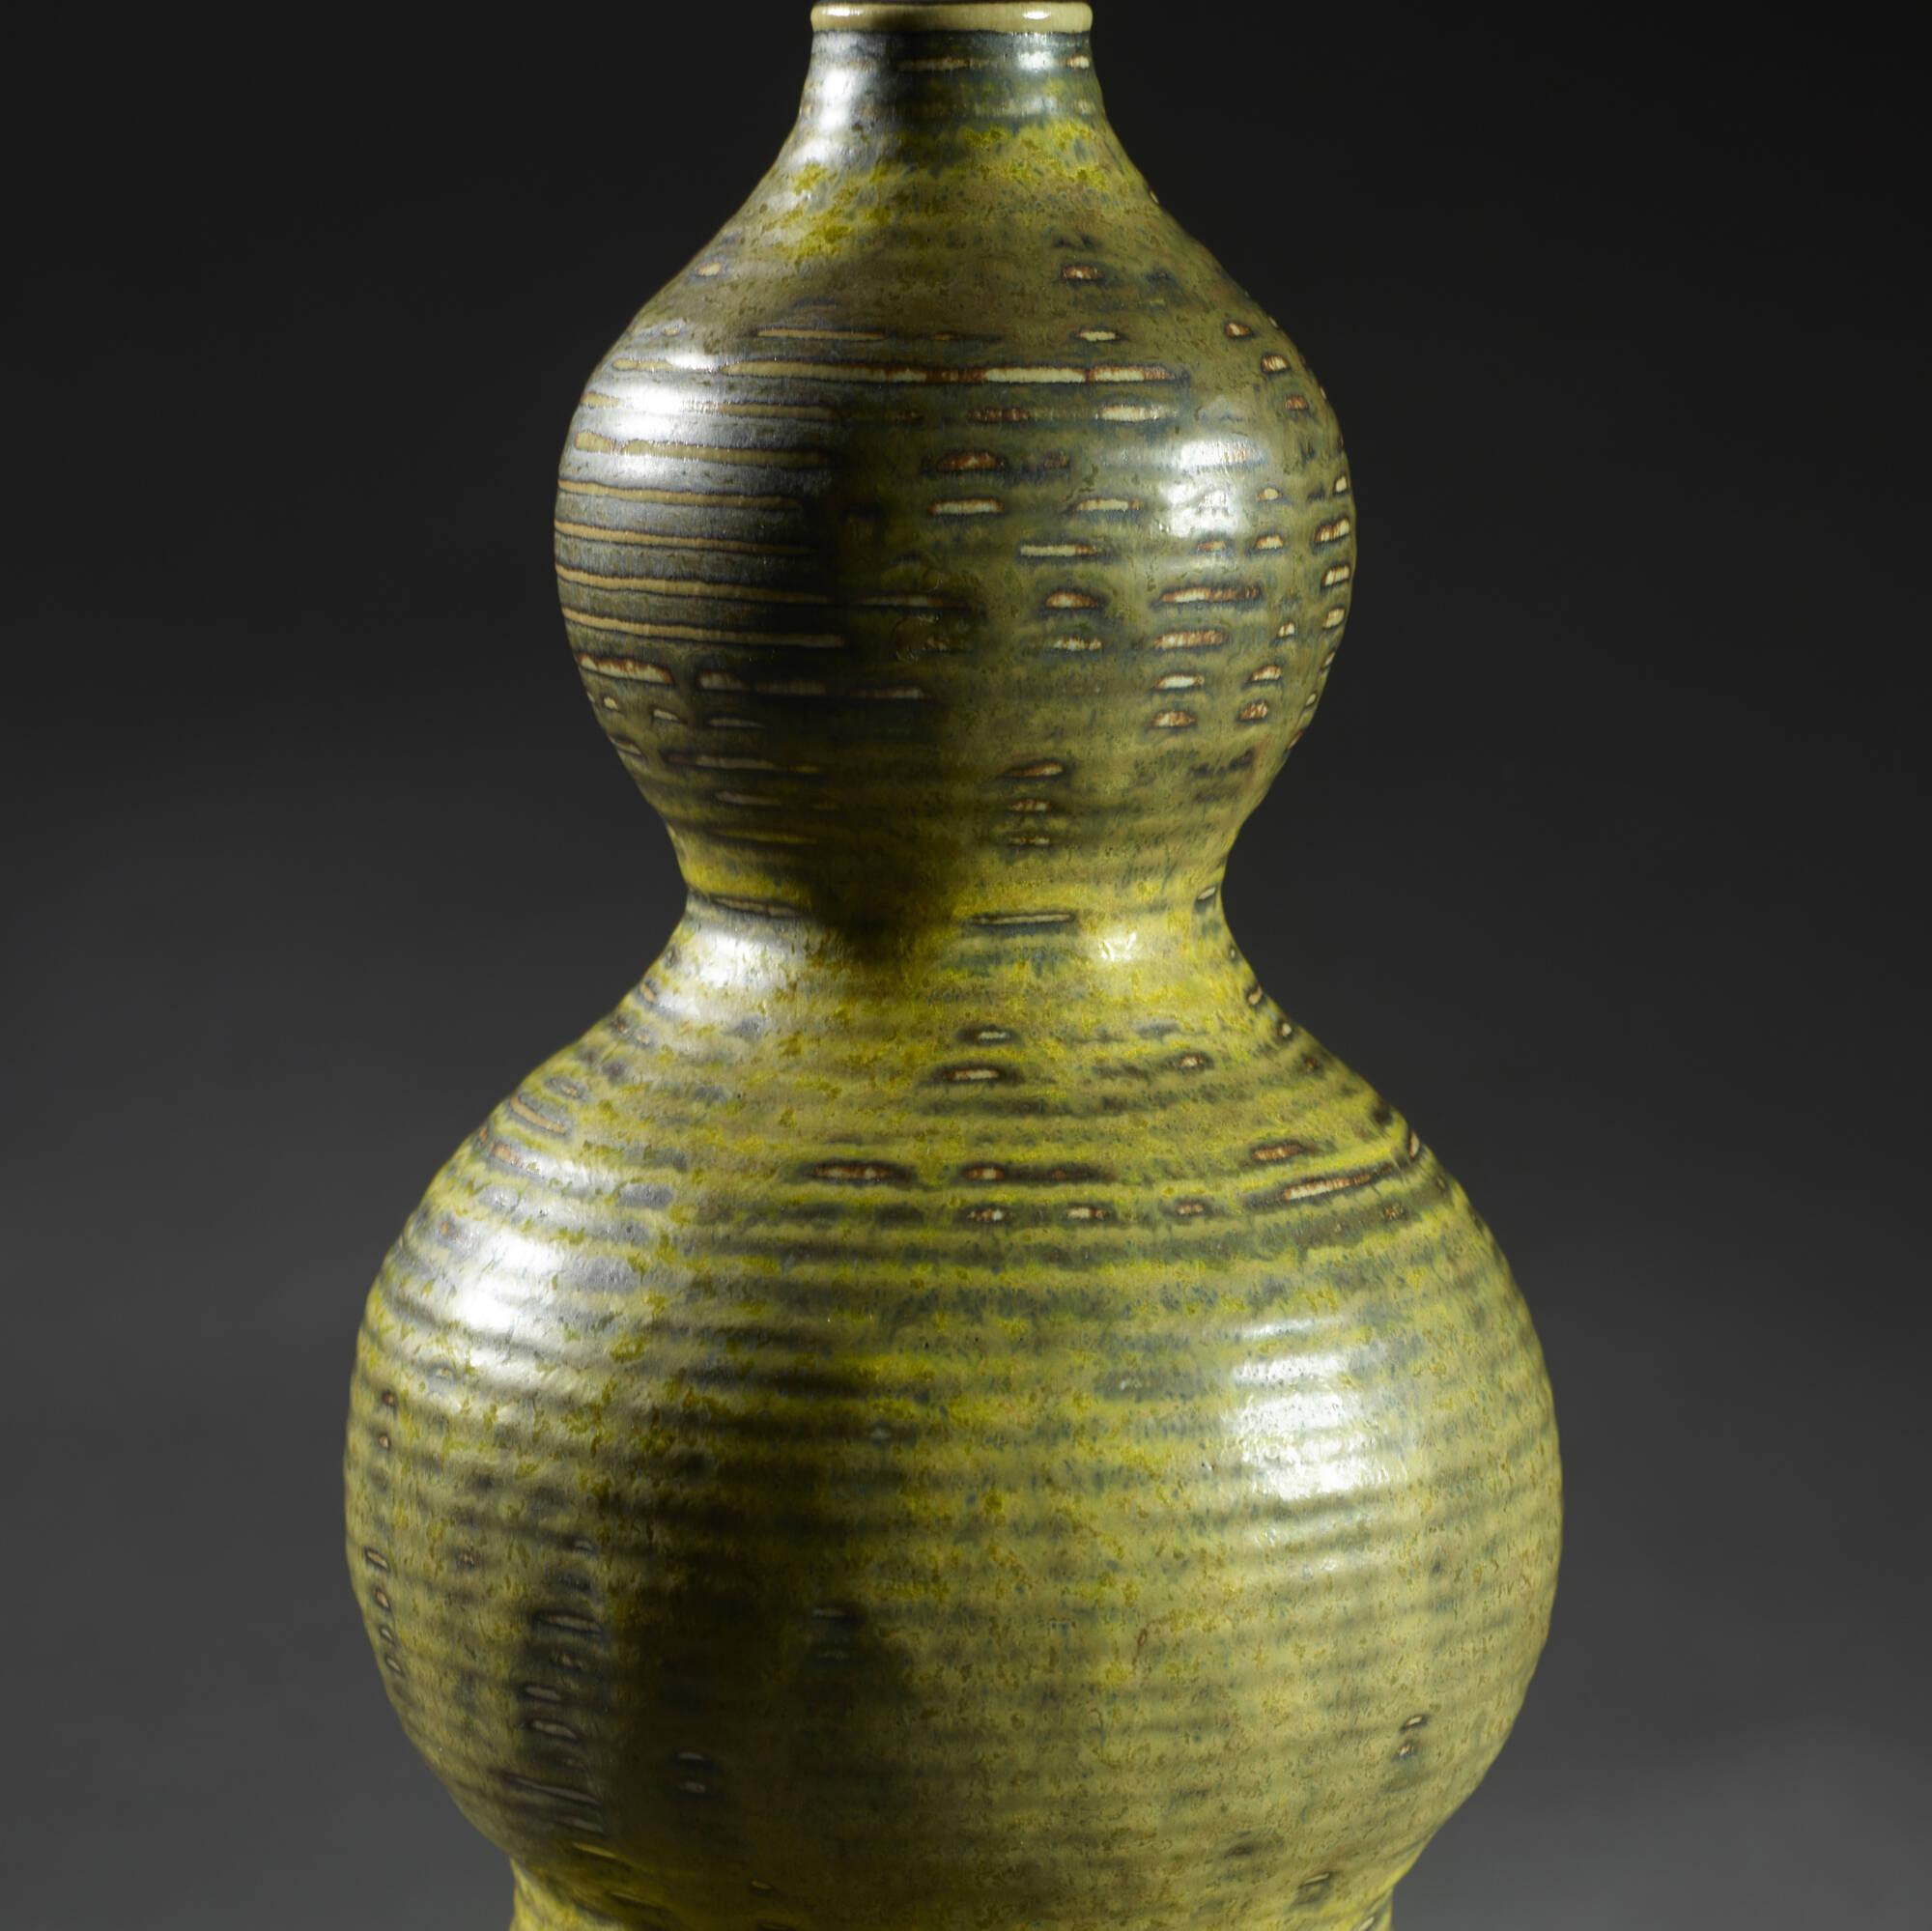 144: Axel Salto / Triple Gourd vase (2 of 2)